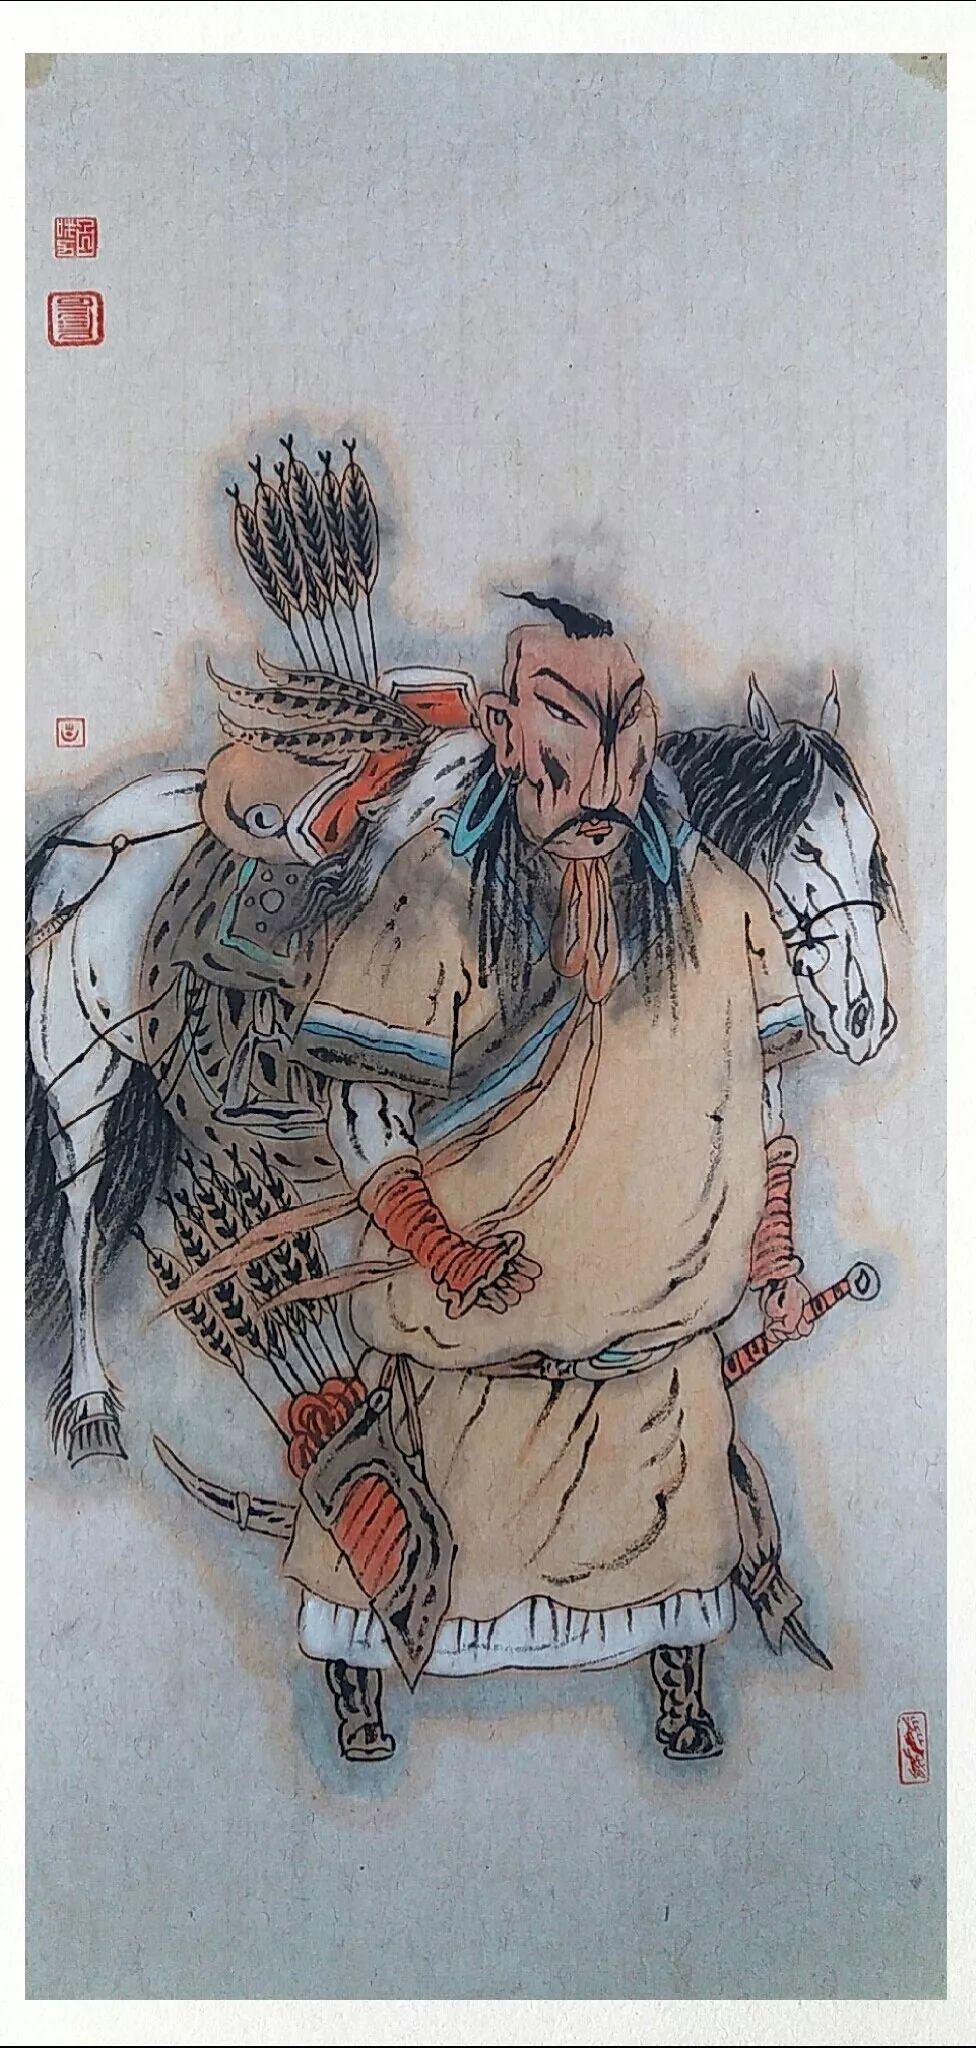 内蒙古当代美术家系列——白嘎力中国画作品选 第5张 内蒙古当代美术家系列——白嘎力中国画作品选 蒙古画廊